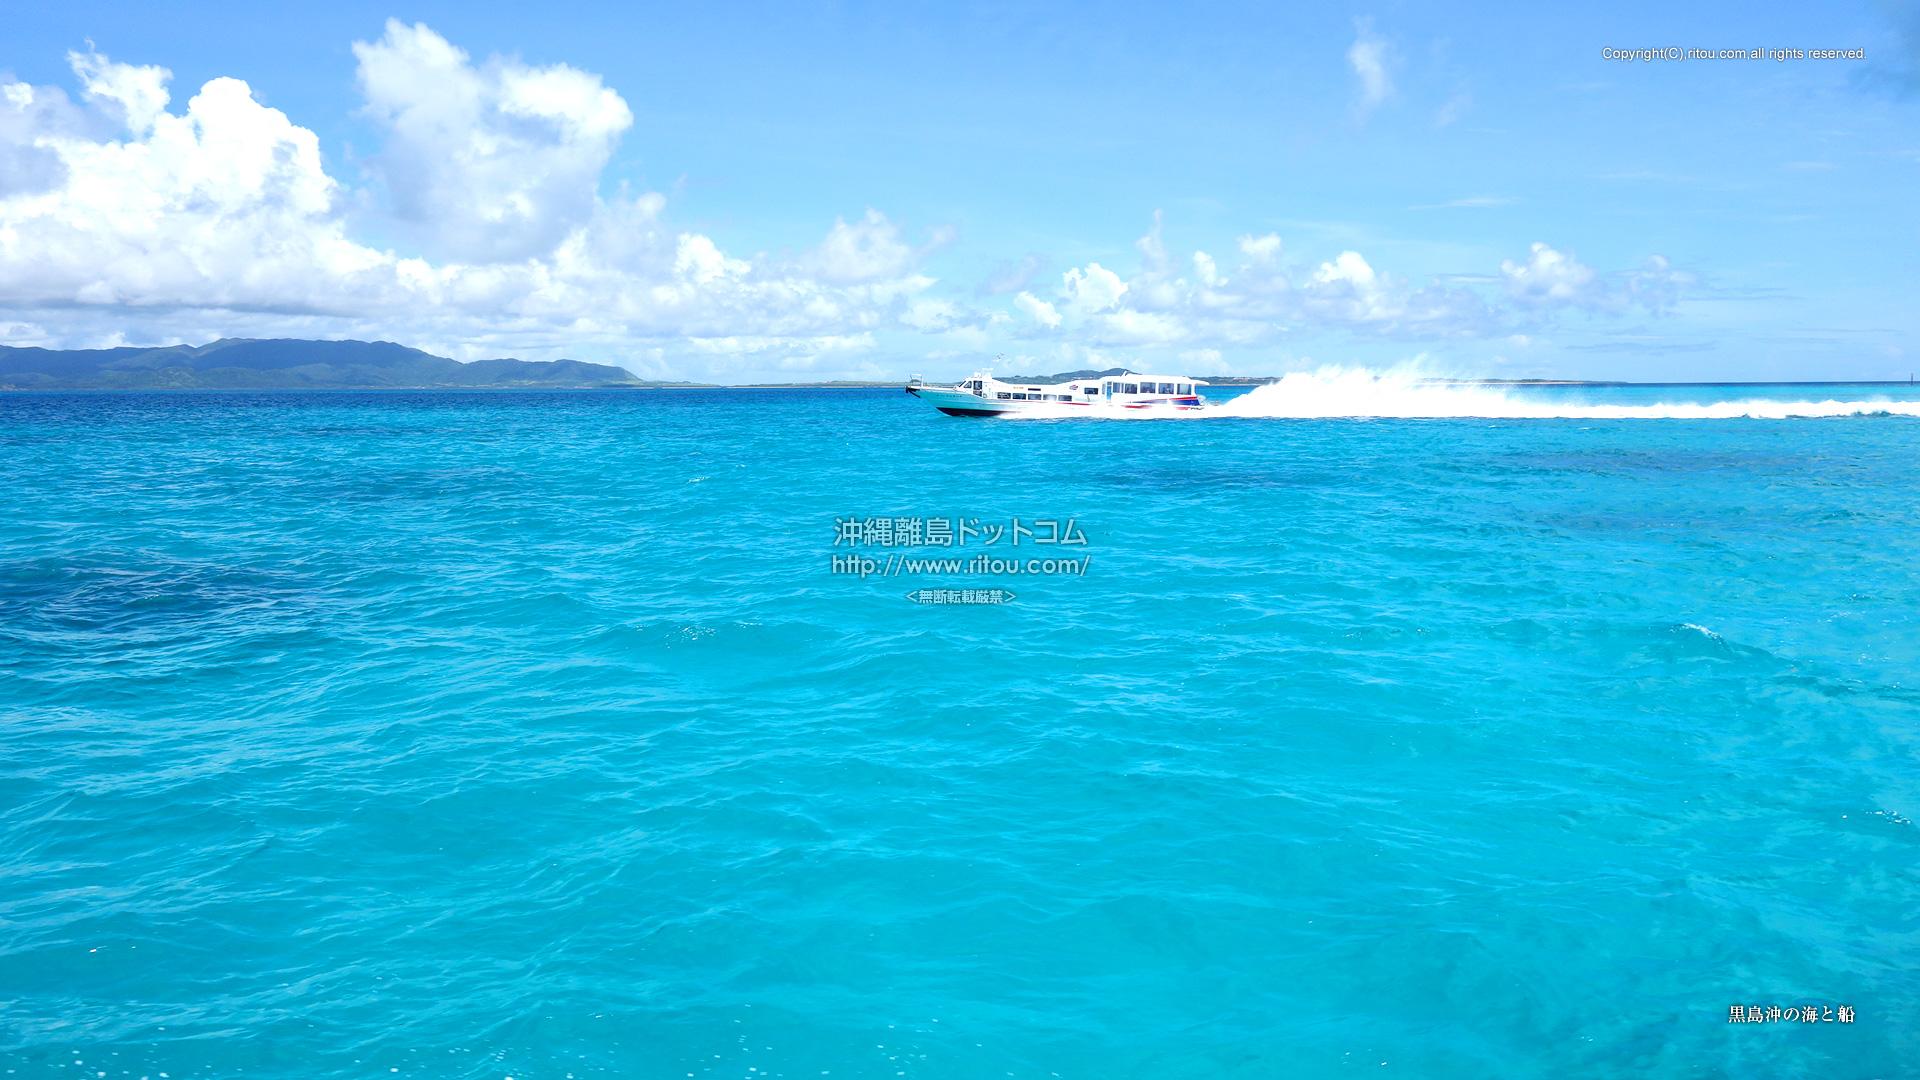 黒島沖の海と船